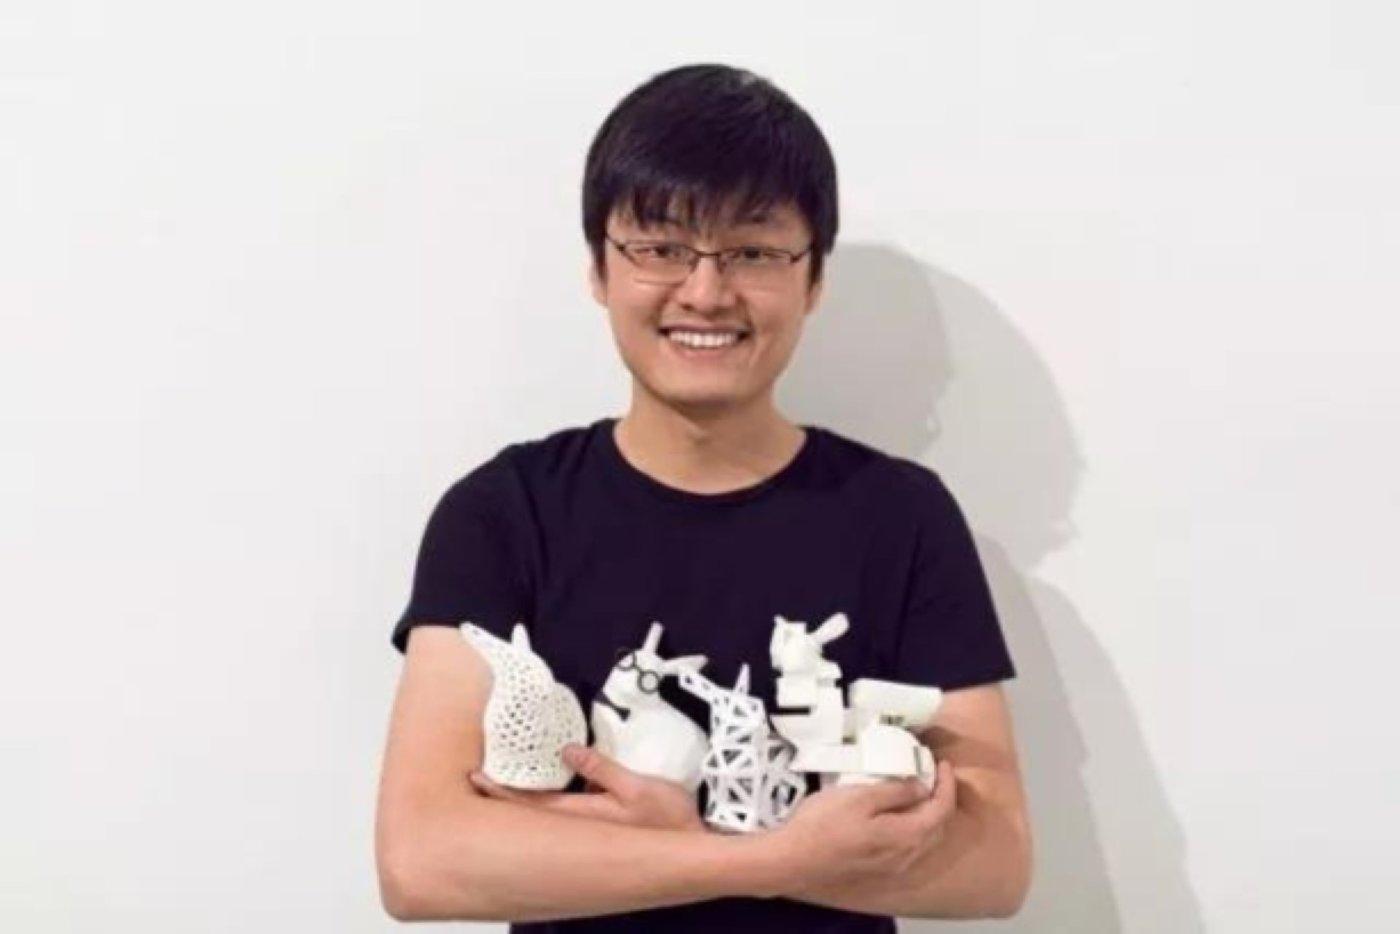 """哈佛大学博士,同济大学设计与人工智能实验室主任,2017年""""全球青年领袖""""入选的9名中国人之一。"""